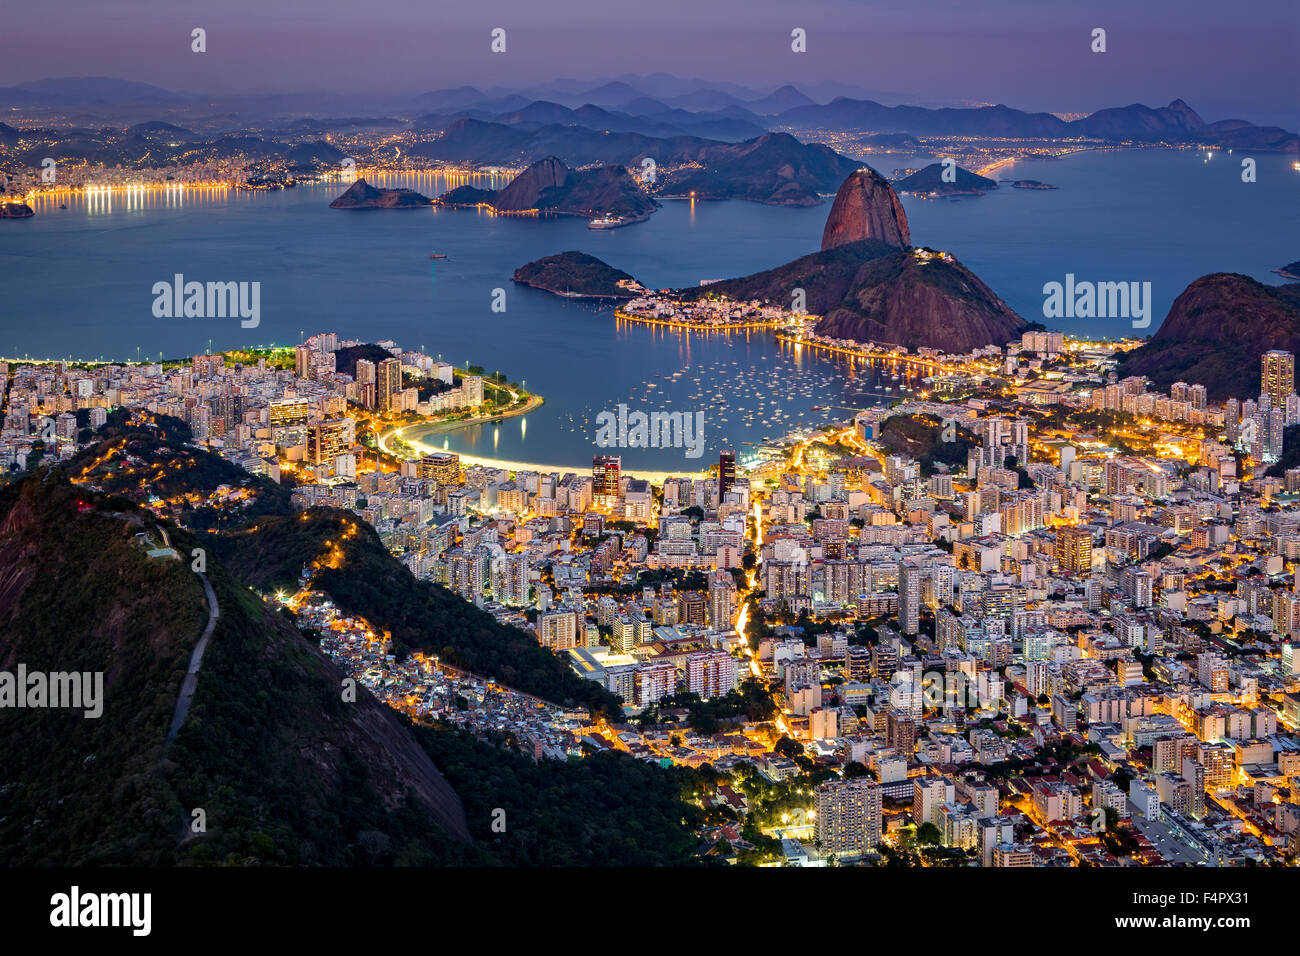 Espectacular vista aérea a lo largo de Río de Janeiro tal como se ve desde el Corcovado. El famoso Pão Imagen De Stock